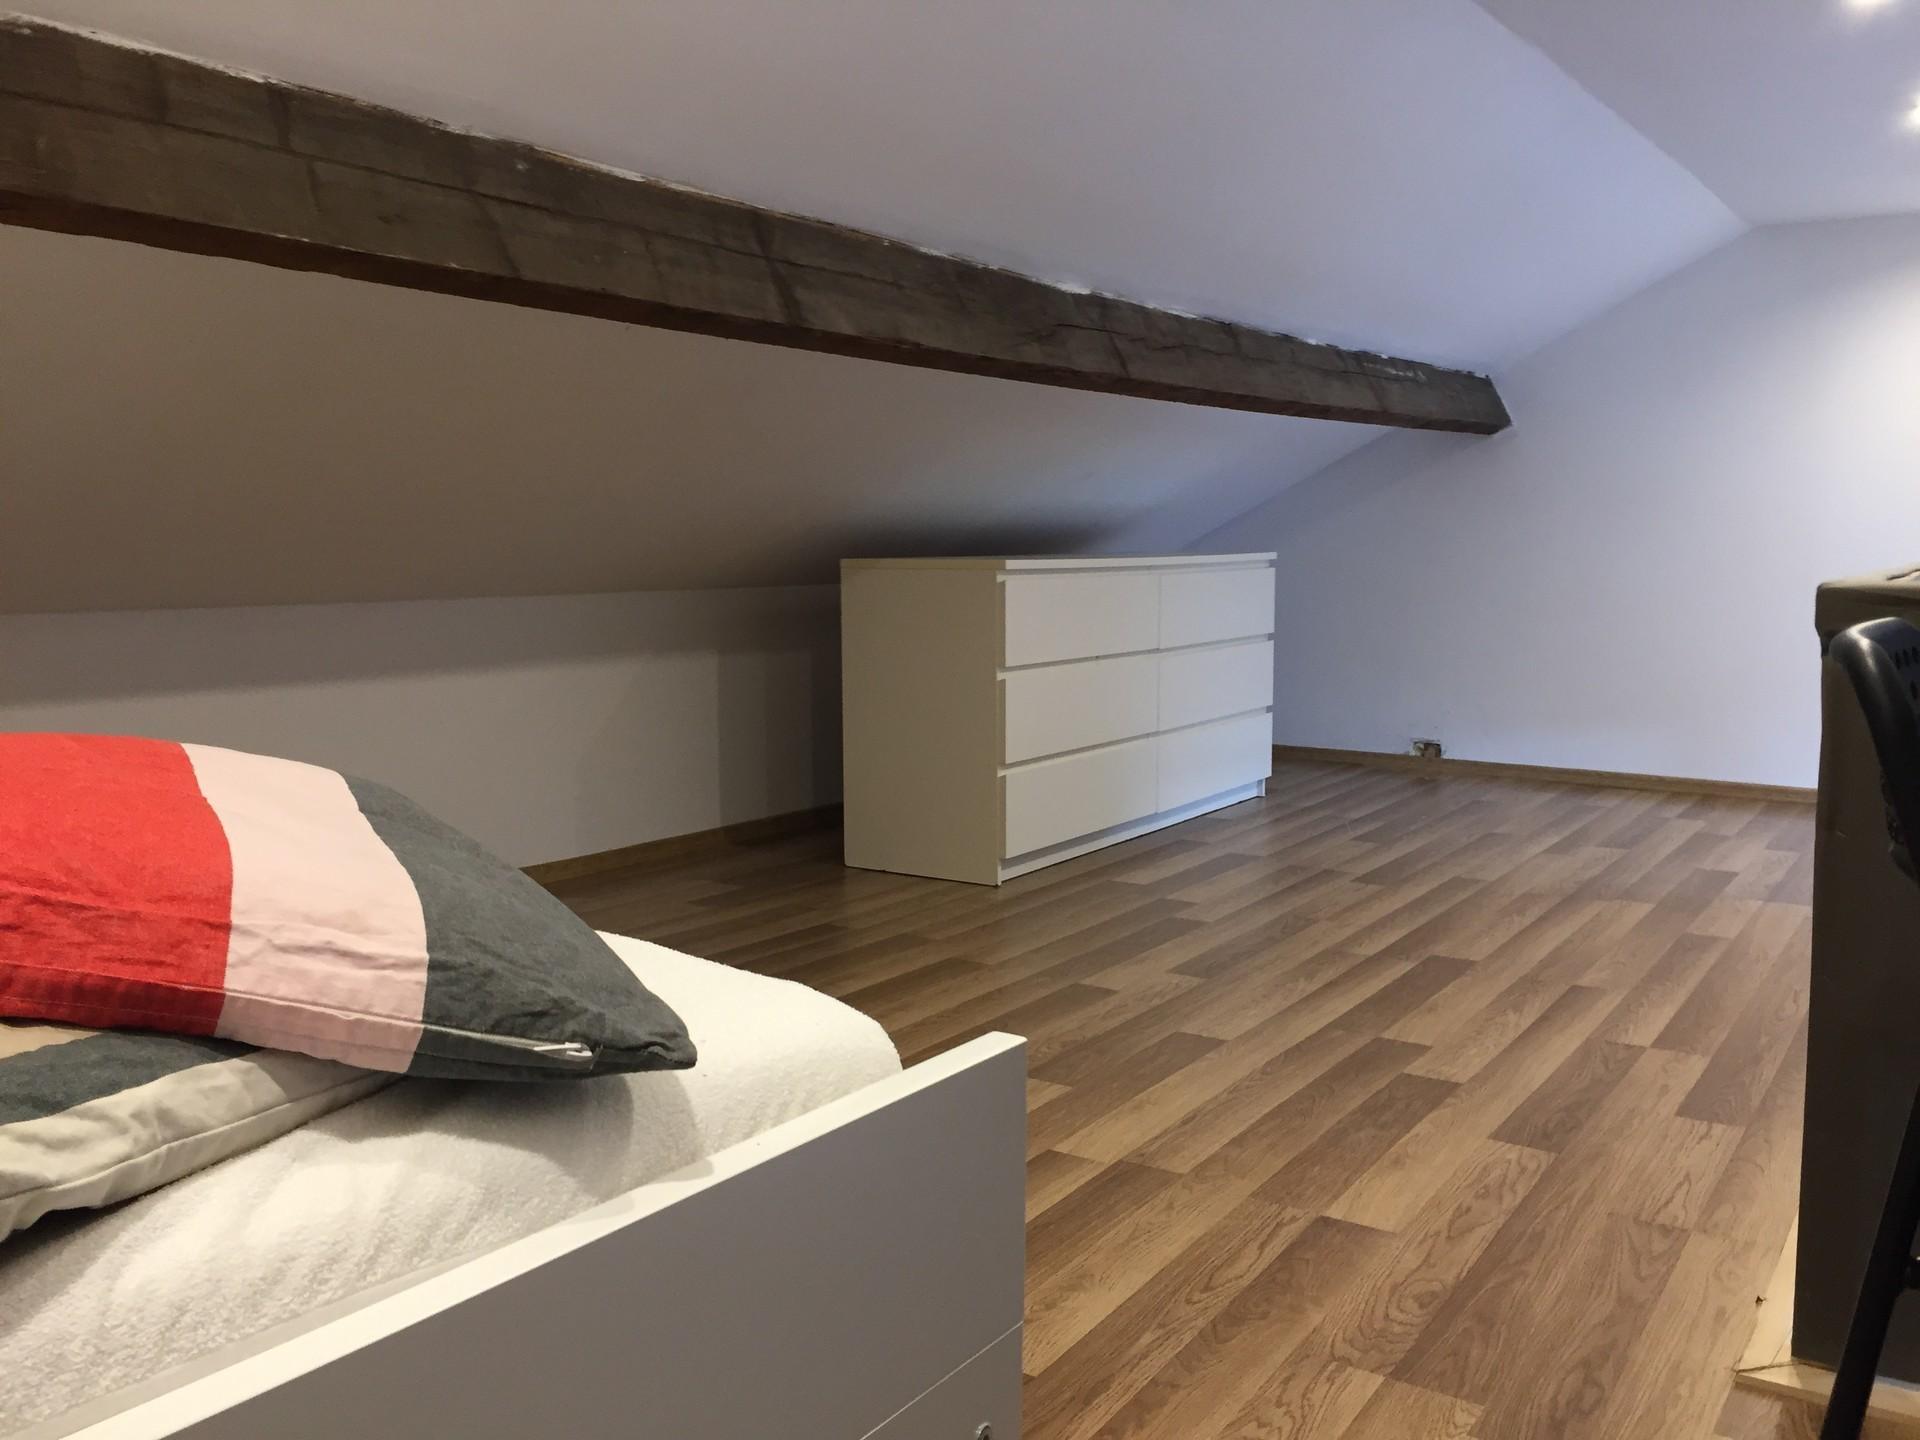 chambre en mezzanine dans appartement deux chambres location chambres namur. Black Bedroom Furniture Sets. Home Design Ideas